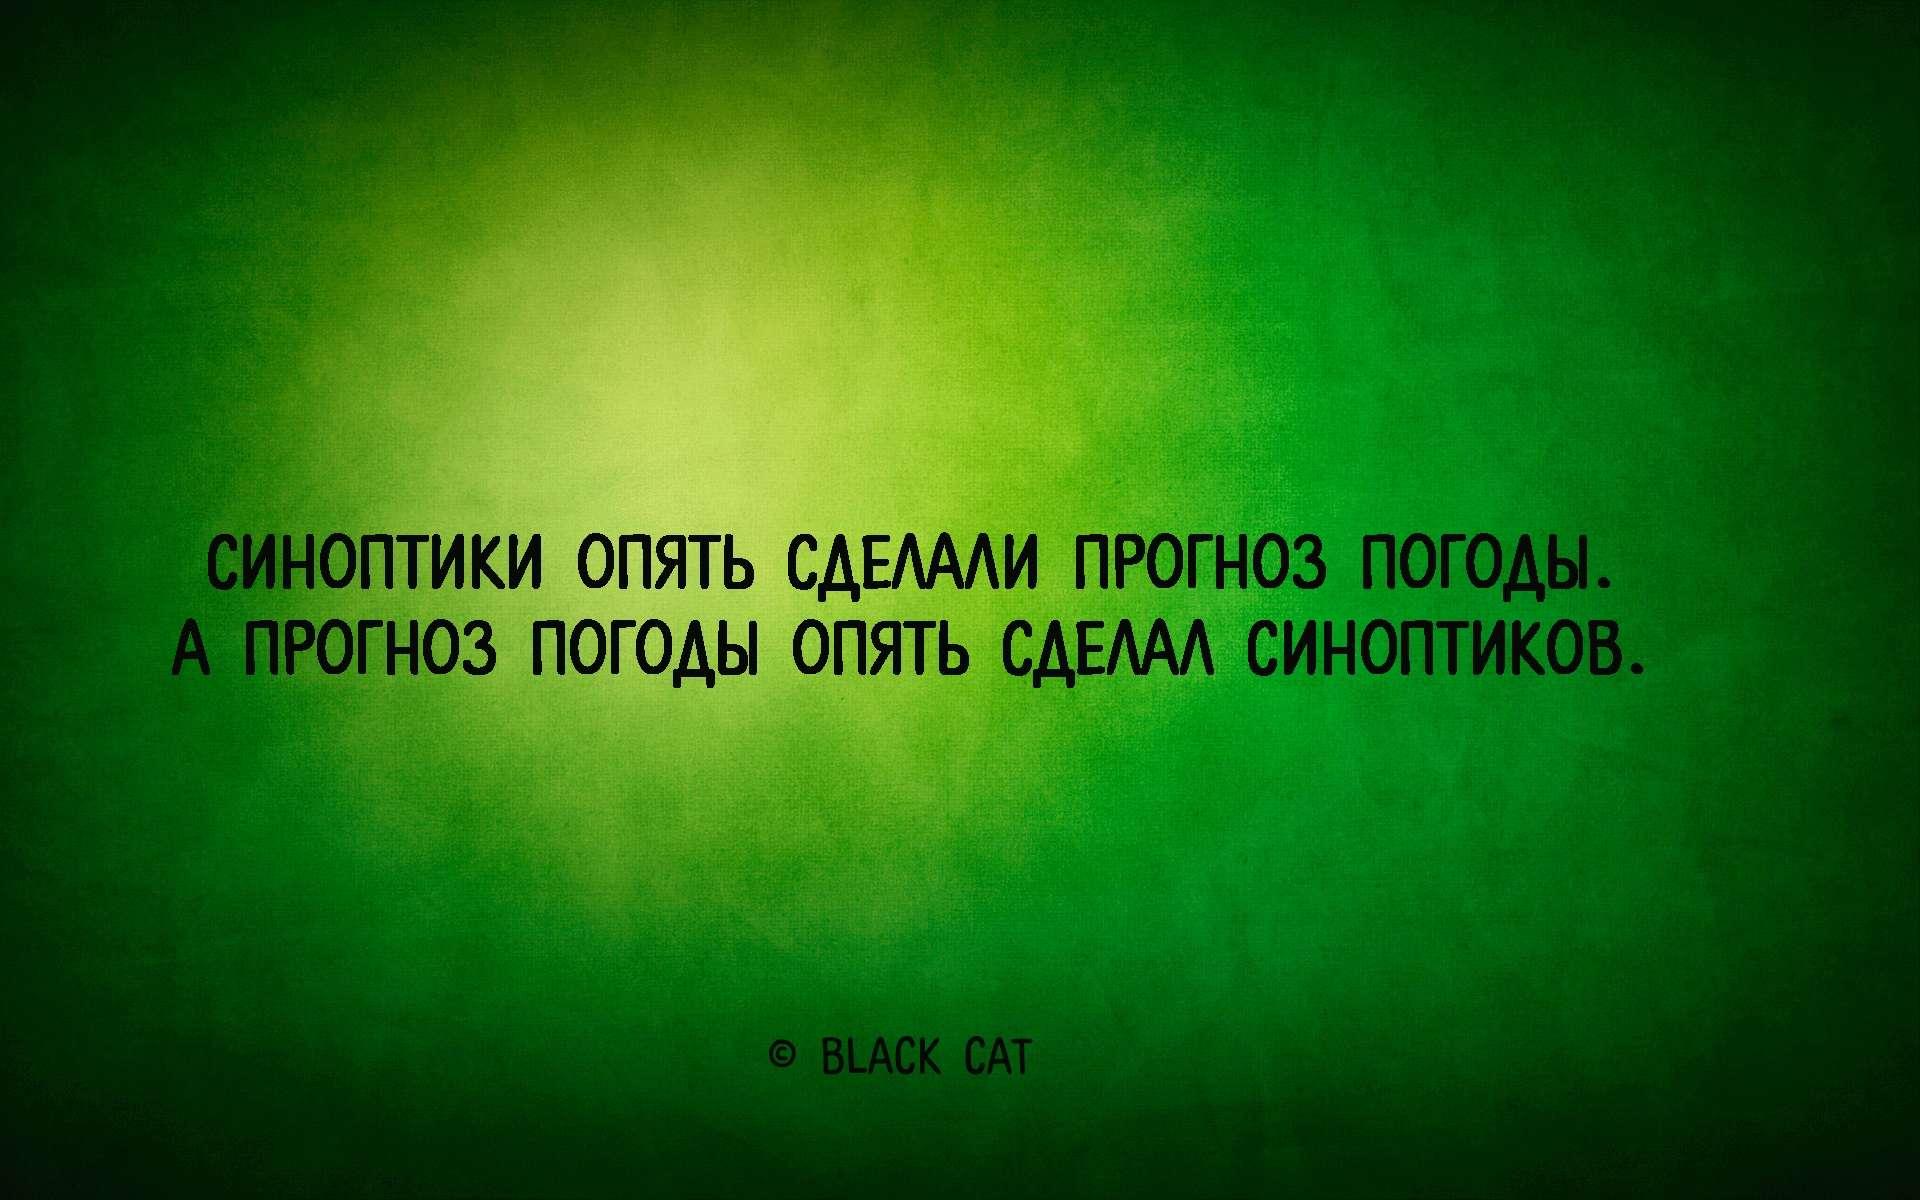 9 открыток для тех, кто с нетерпением ожидает тепла)))